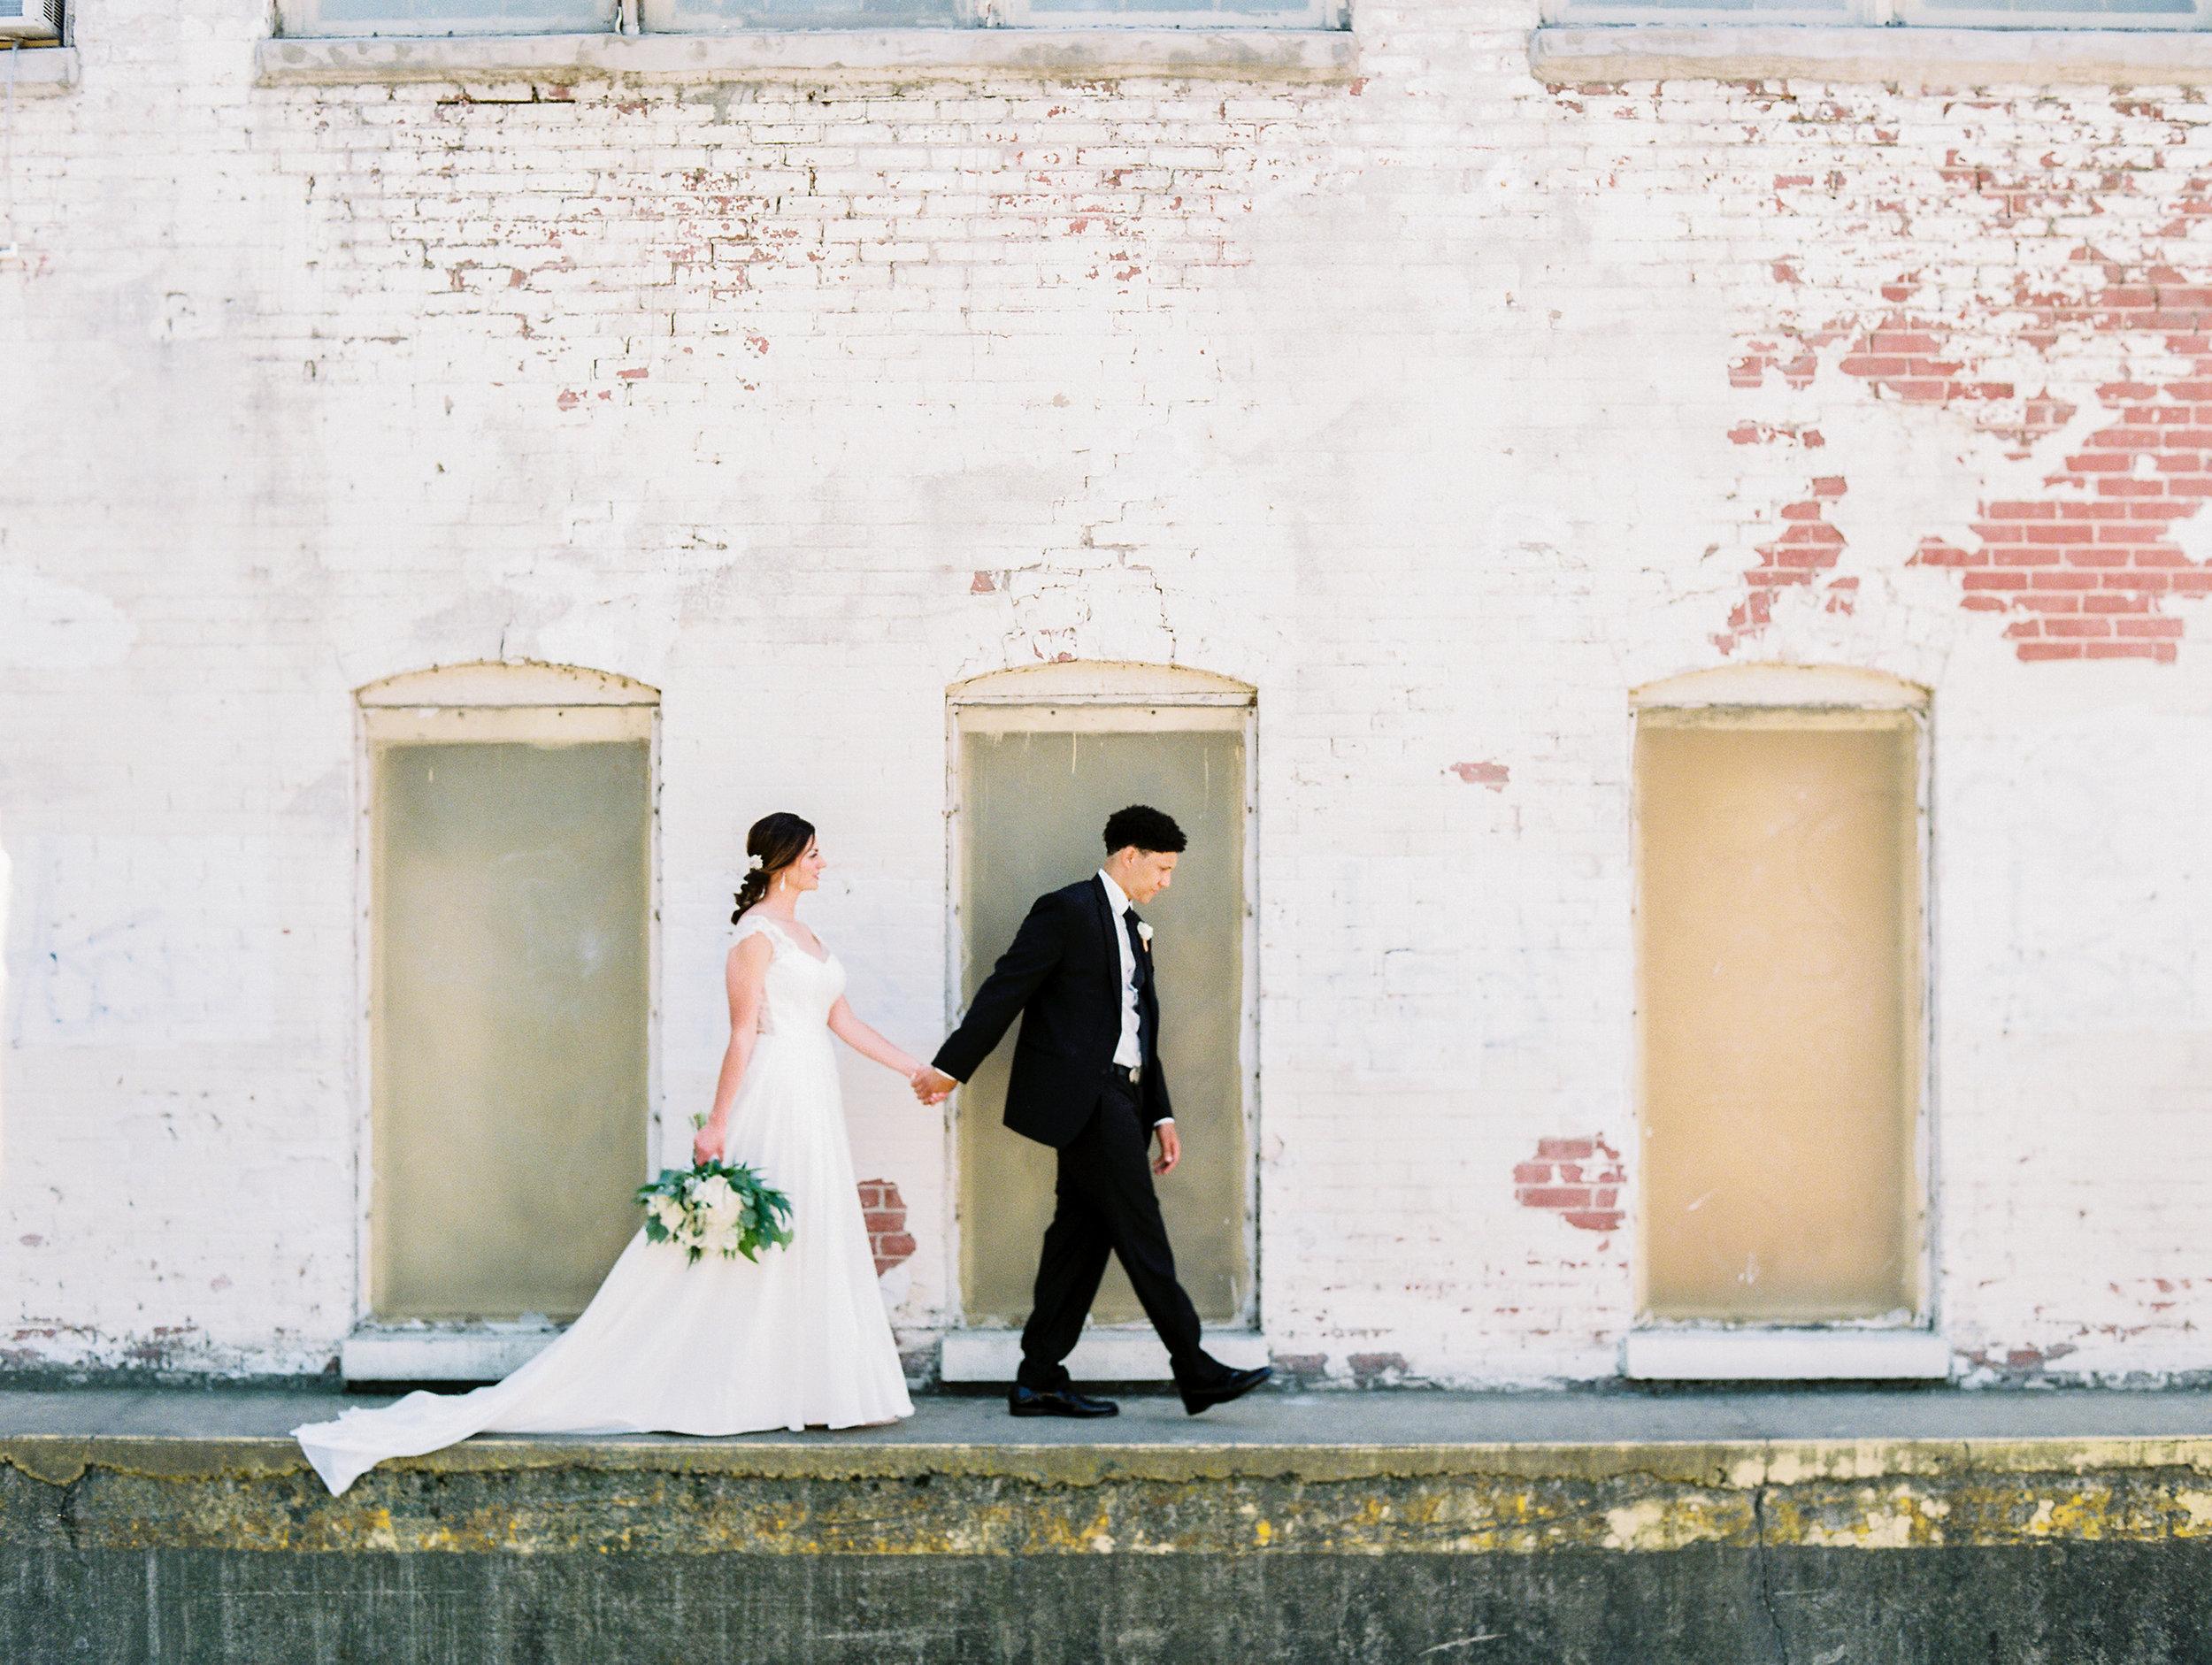 Julius+Wedding+BridalPartyf-17.jpg